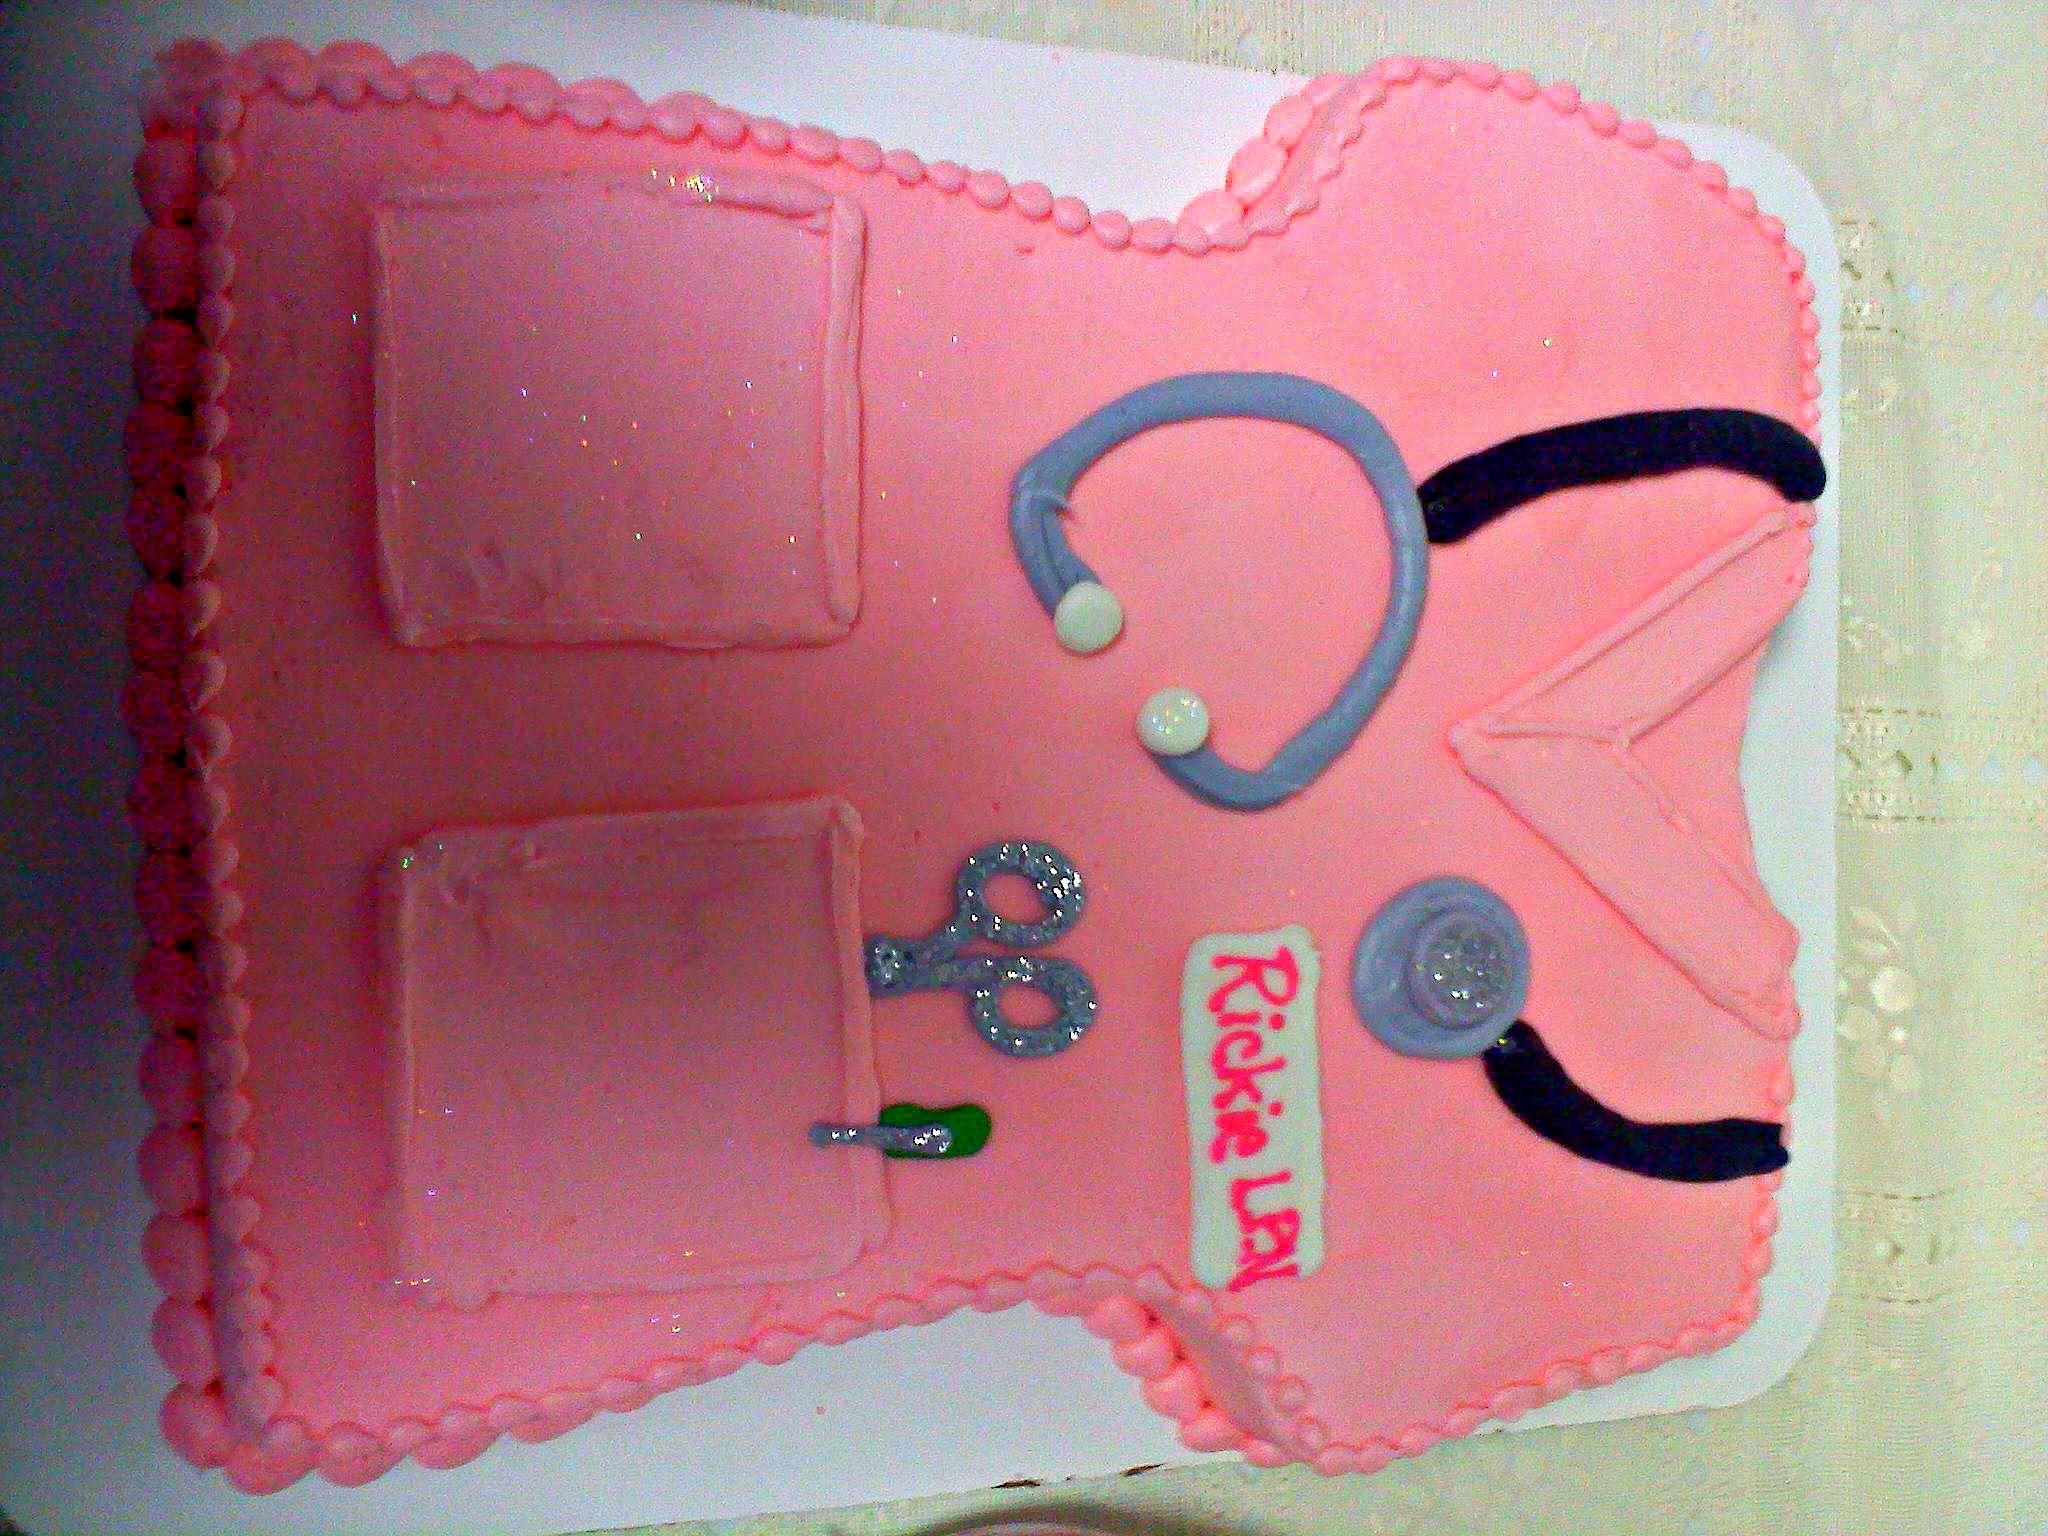 My Nursing Graduation Cake